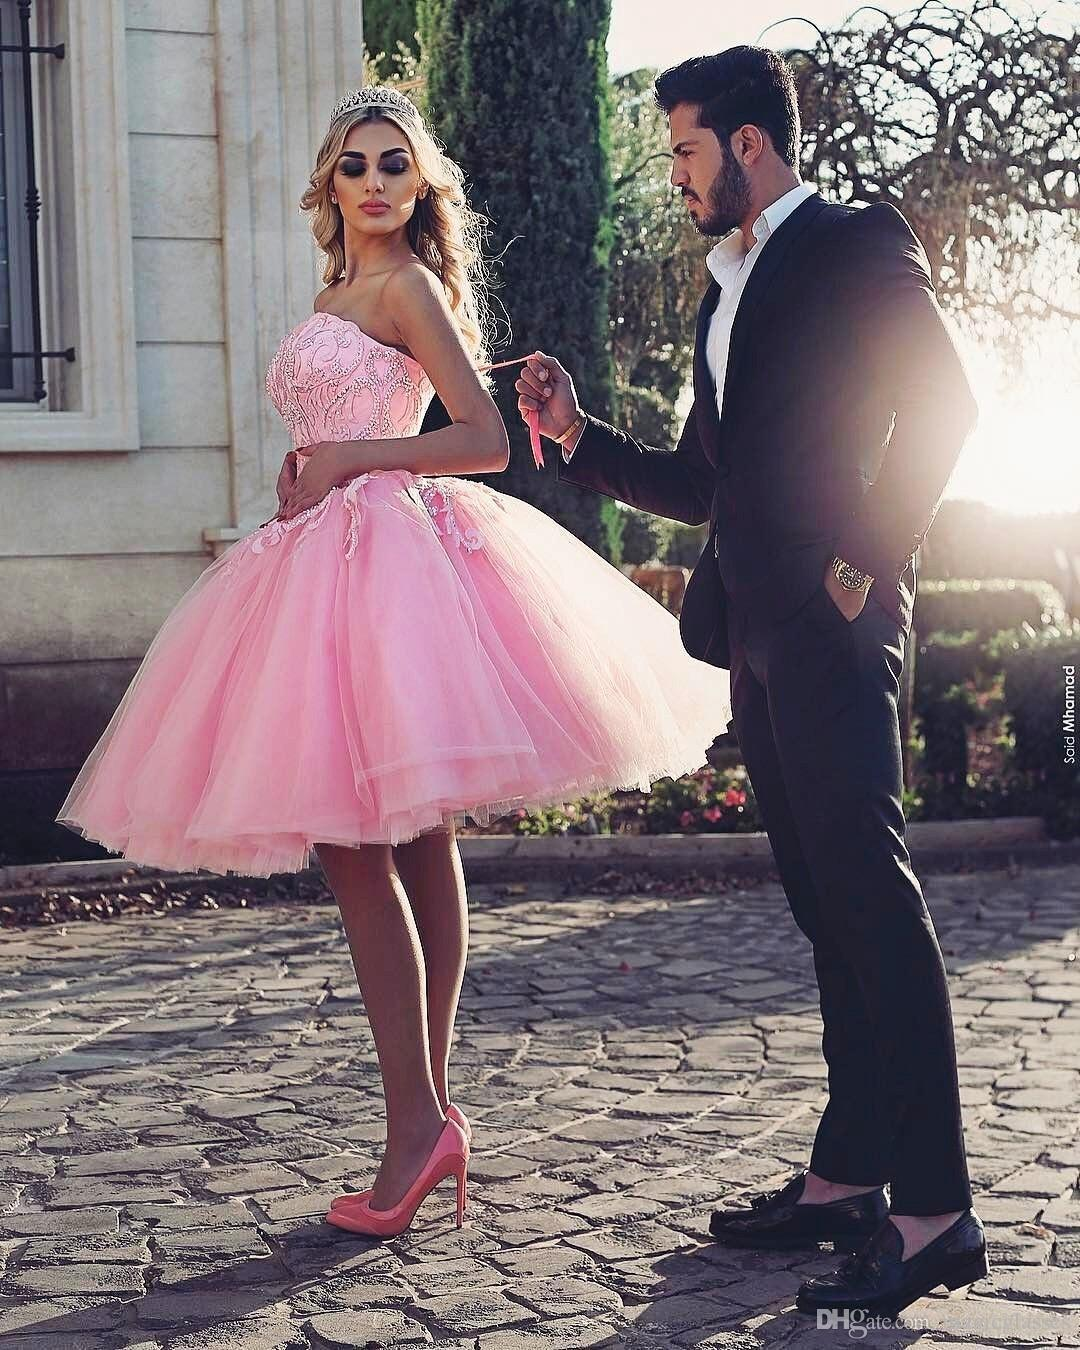 الوردي بطول الركبة حفلة موسيقية اللباس الأنيق حمالة مطرز الرباط يزين كوكتيل حزب اللباس جميلة منتفخ تول قصيرة جميلة مساء